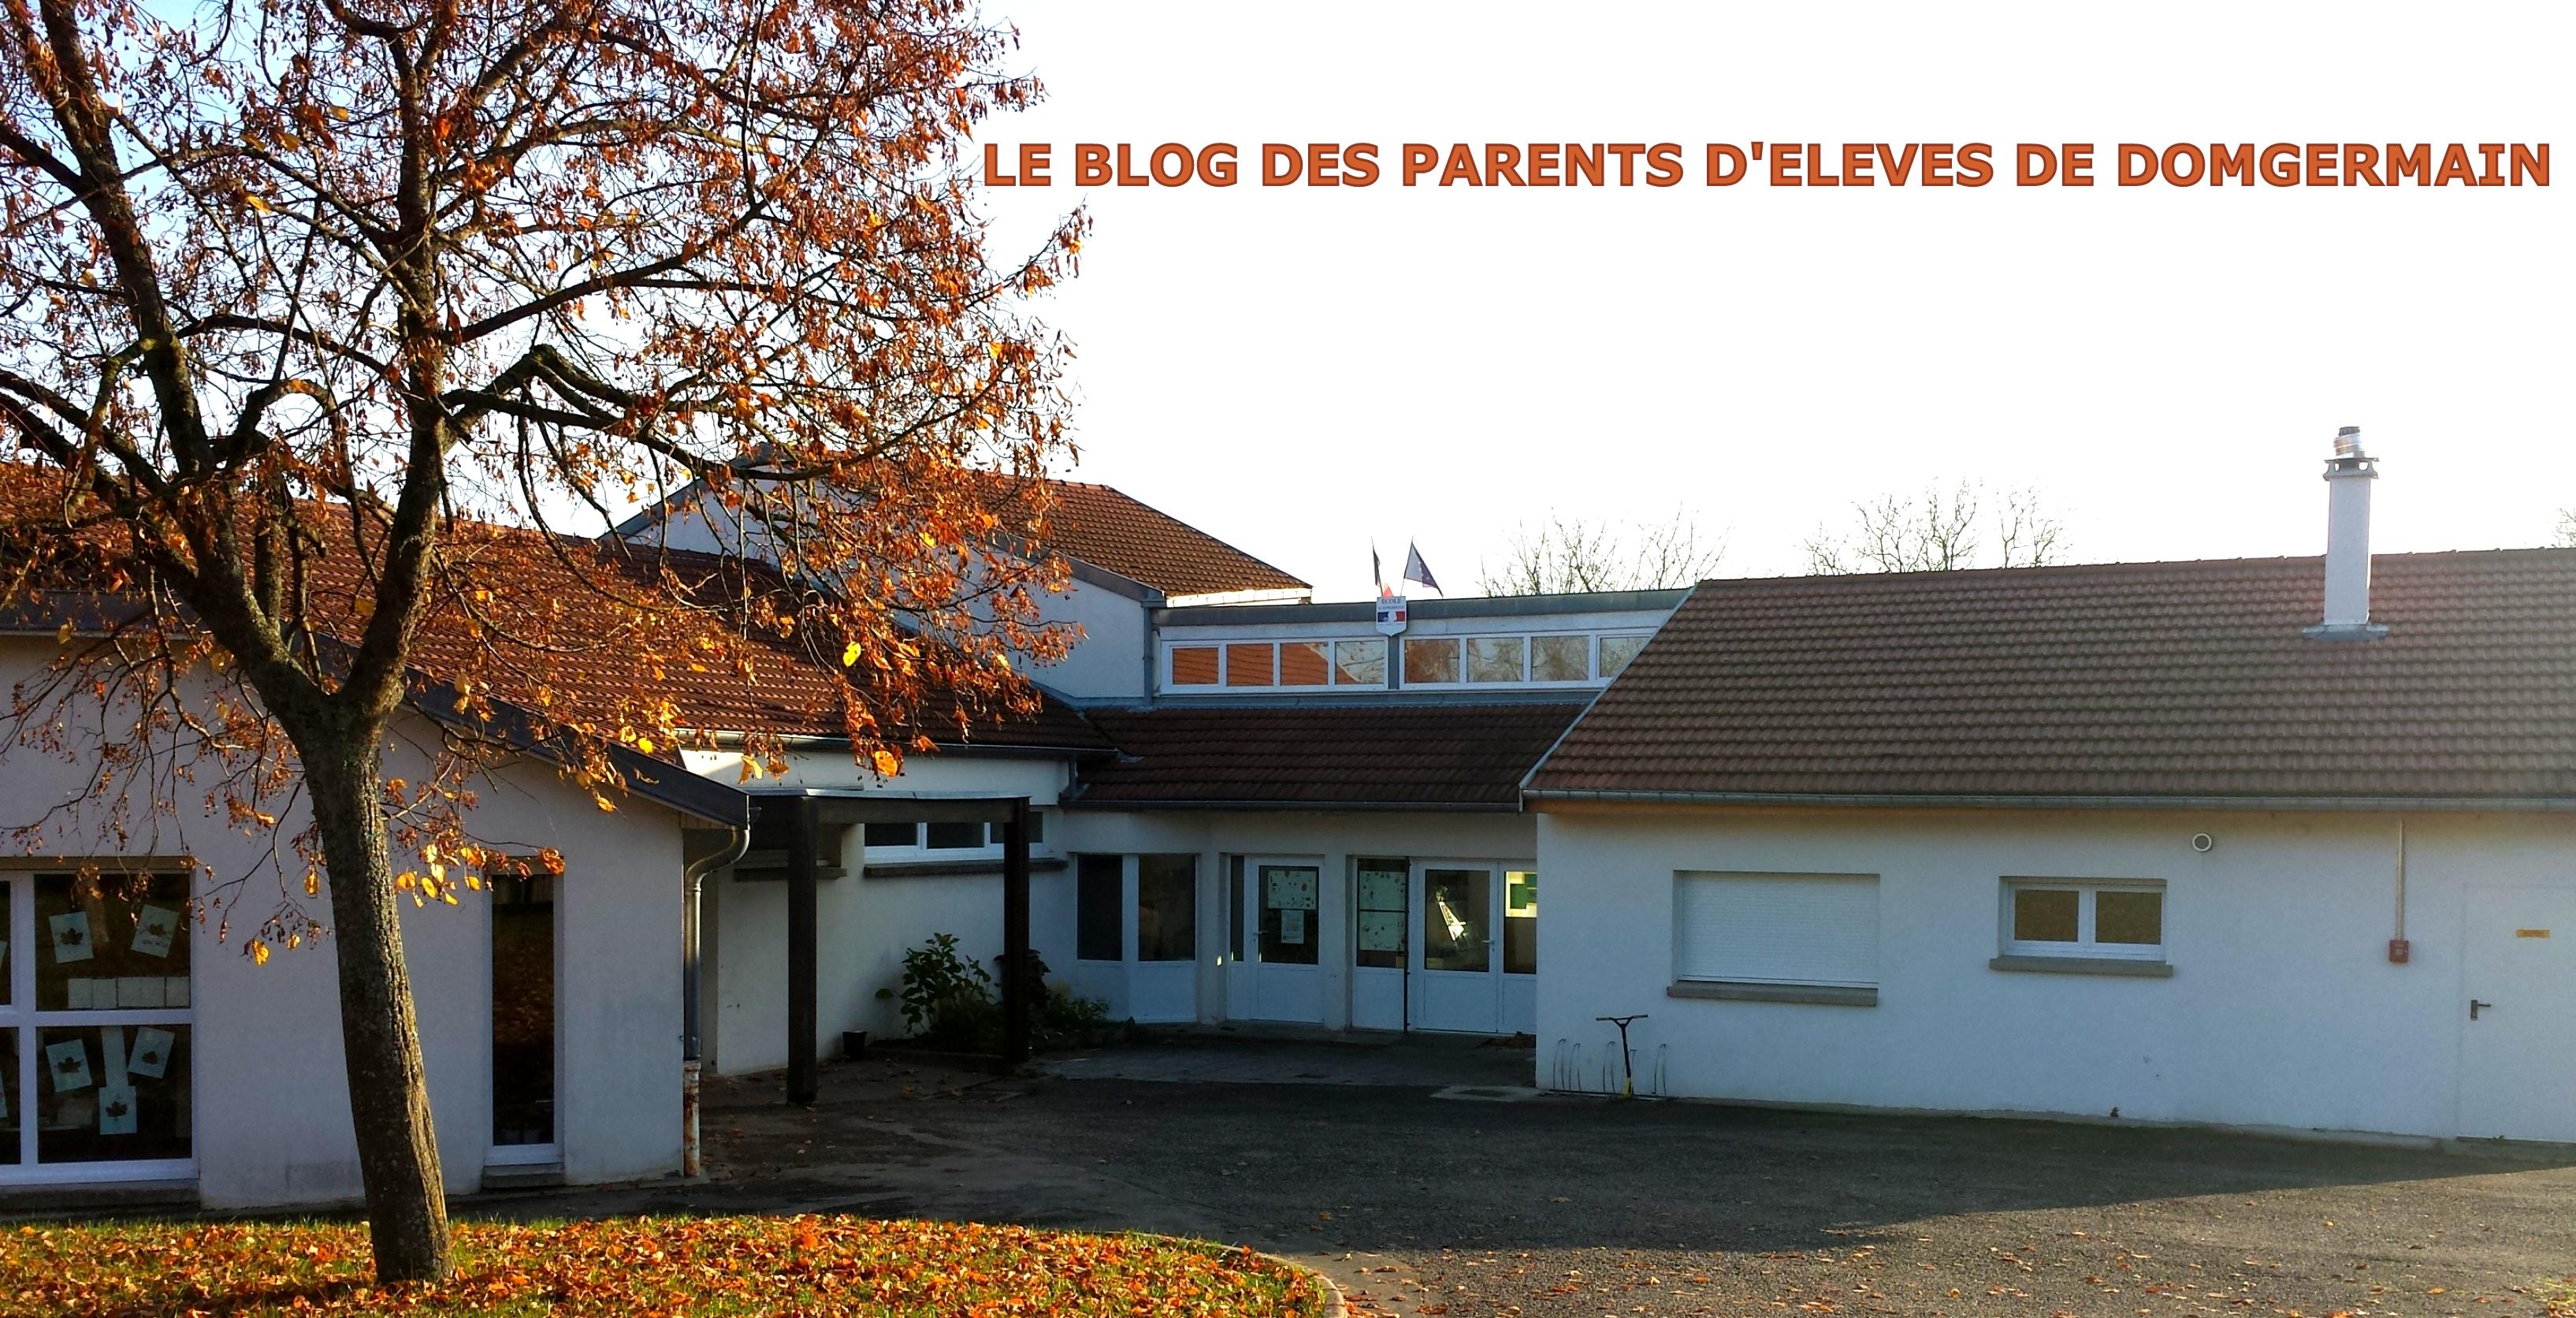 Parents d'élèves de Domgermain